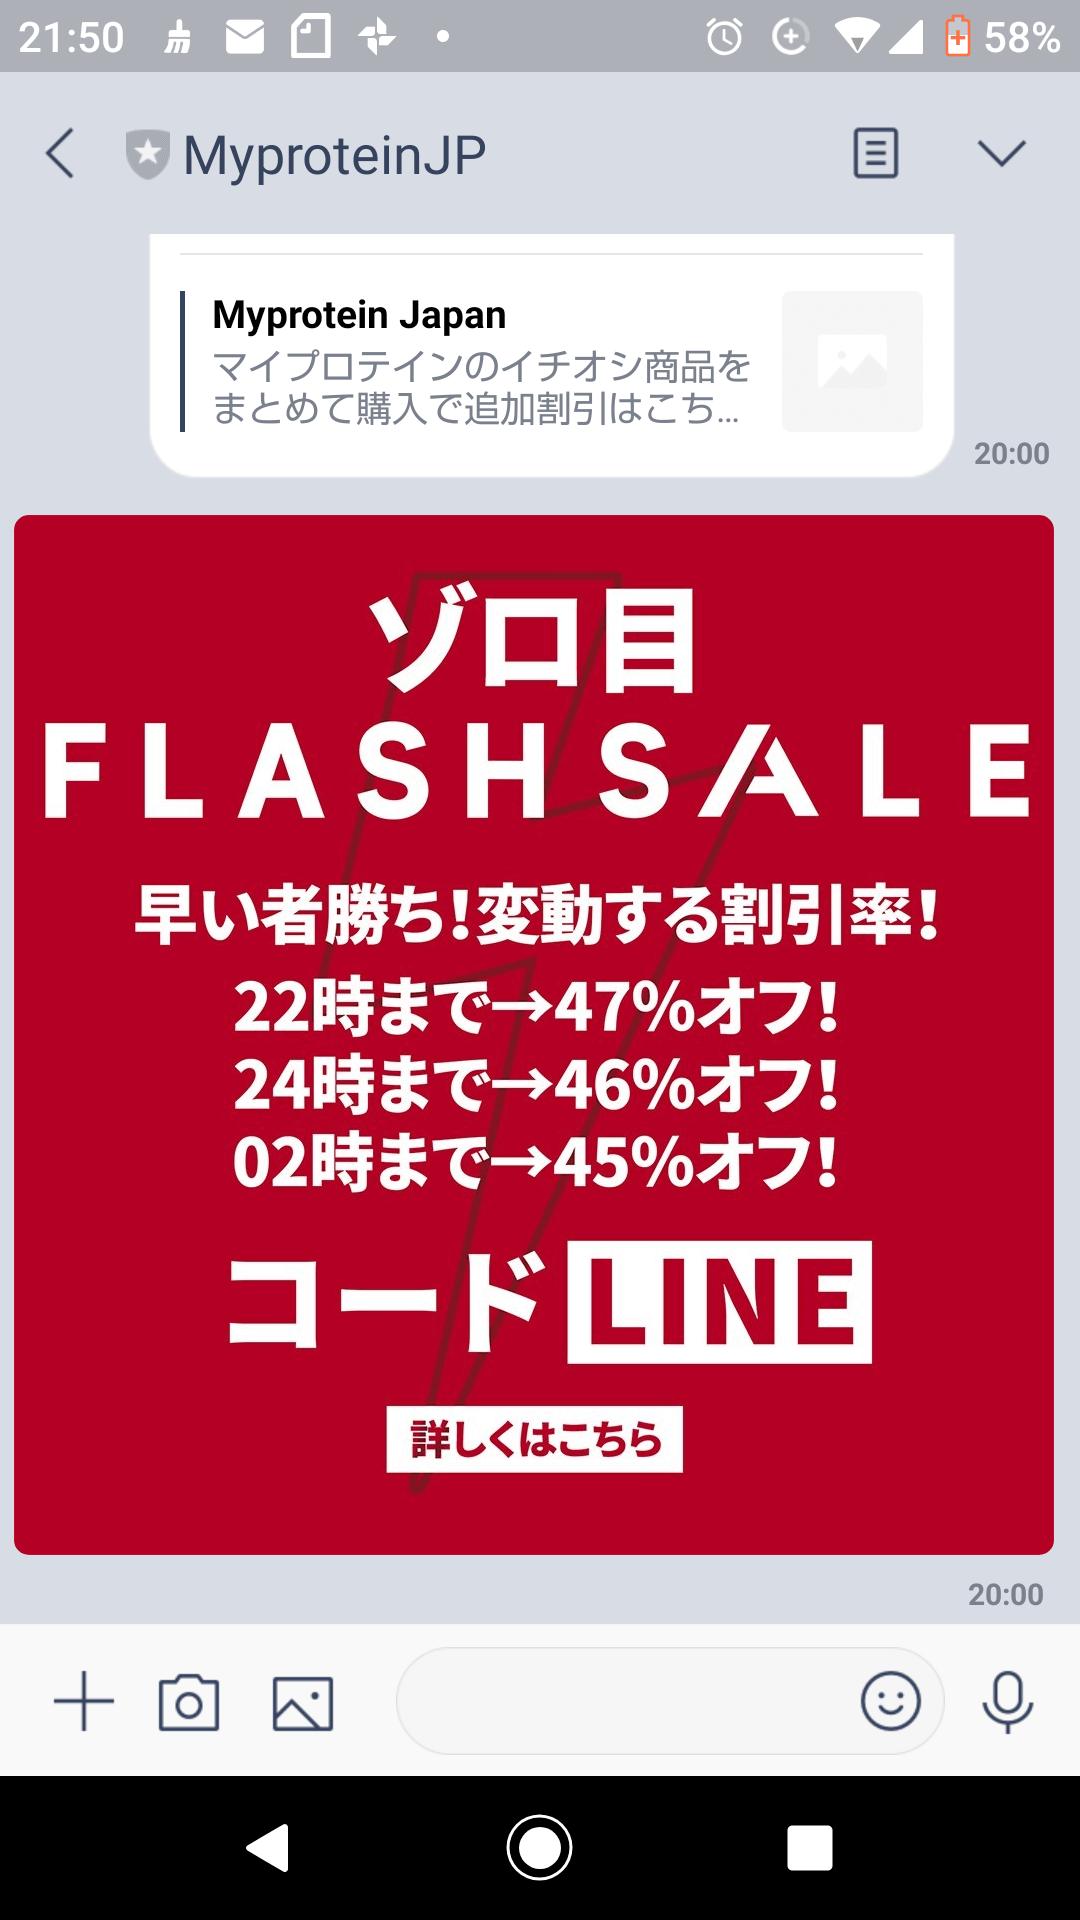 ゾロ目フラッシュセールLINEのお知らせ